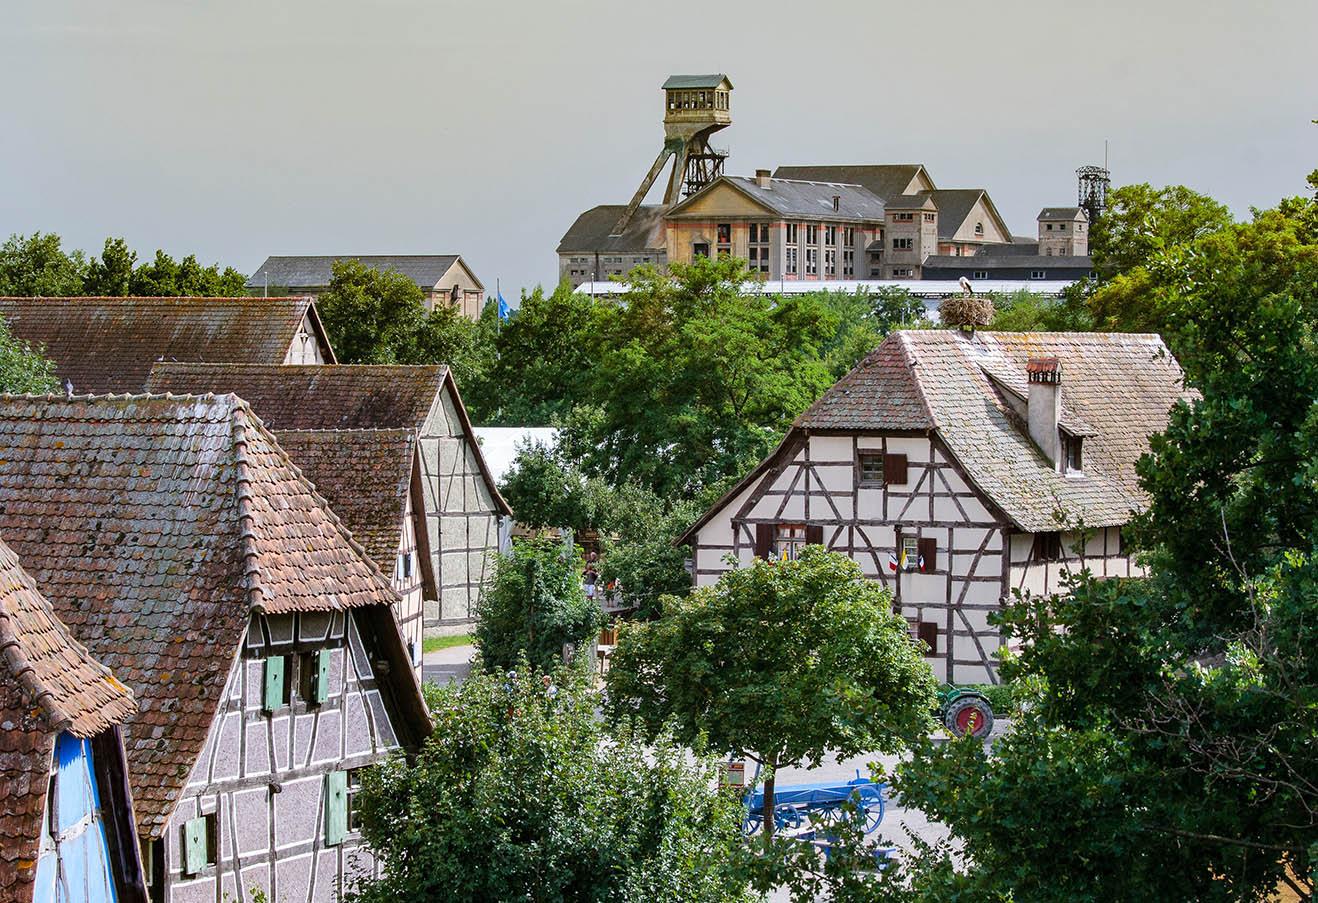 Énergie verte, consommation responsable : les leçons d'Ungersheim, village modèle